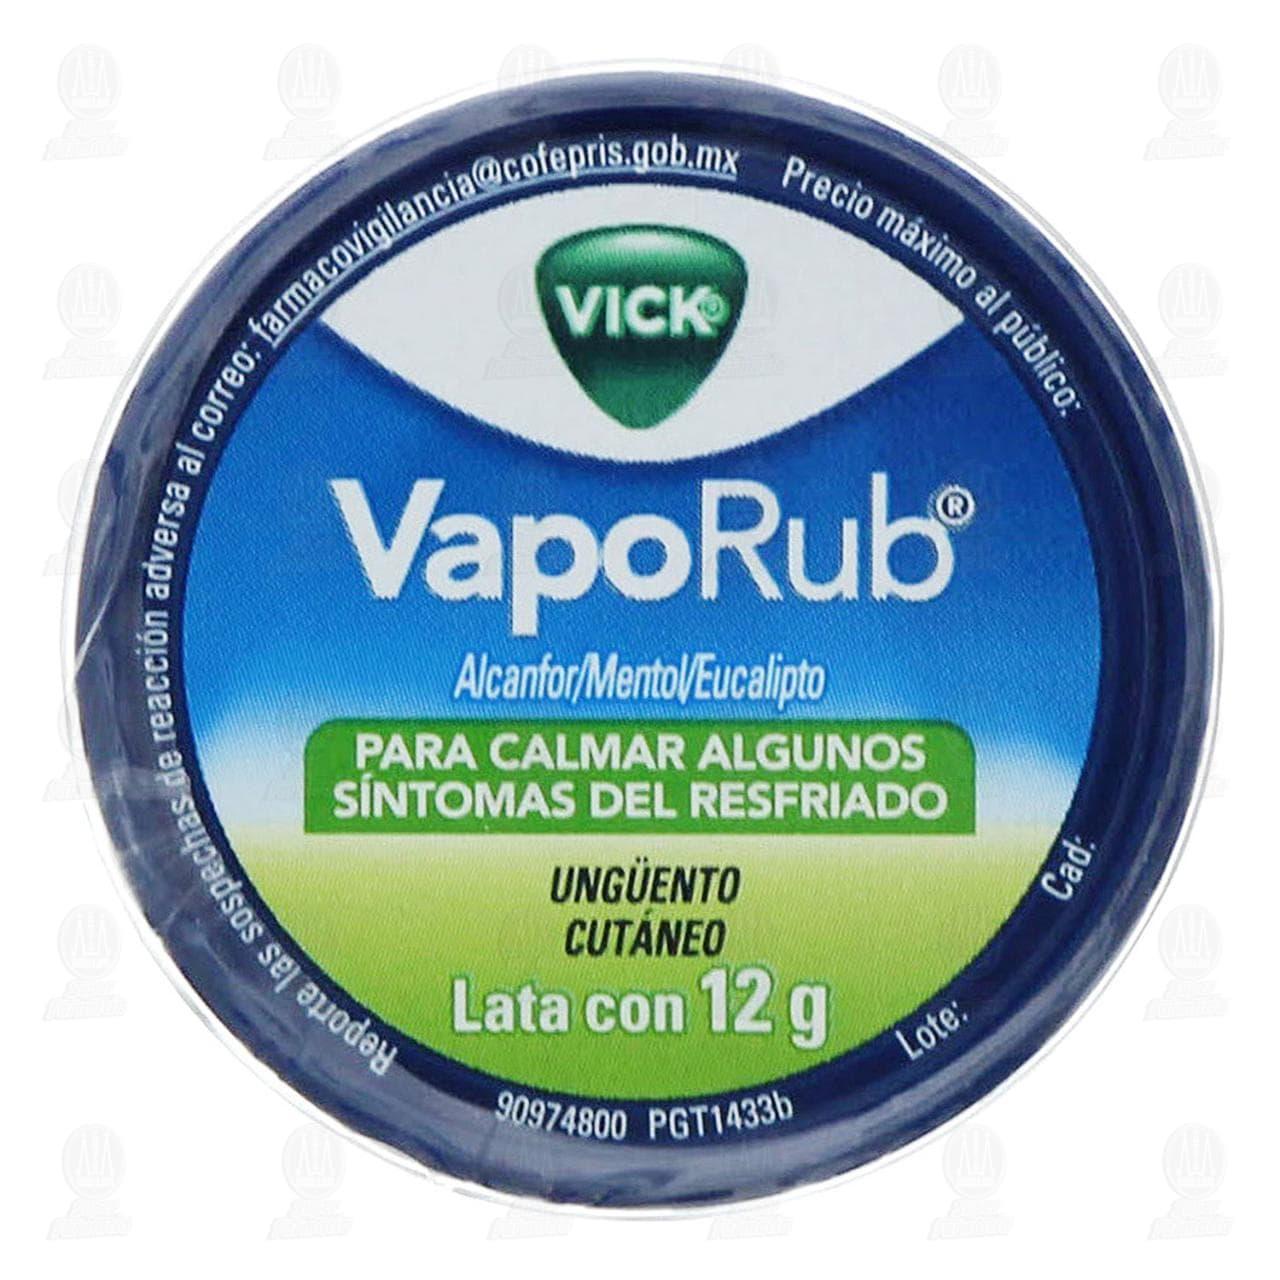 Comprar Vick VapoRub Ungüento 12gr en Farmacias Guadalajara